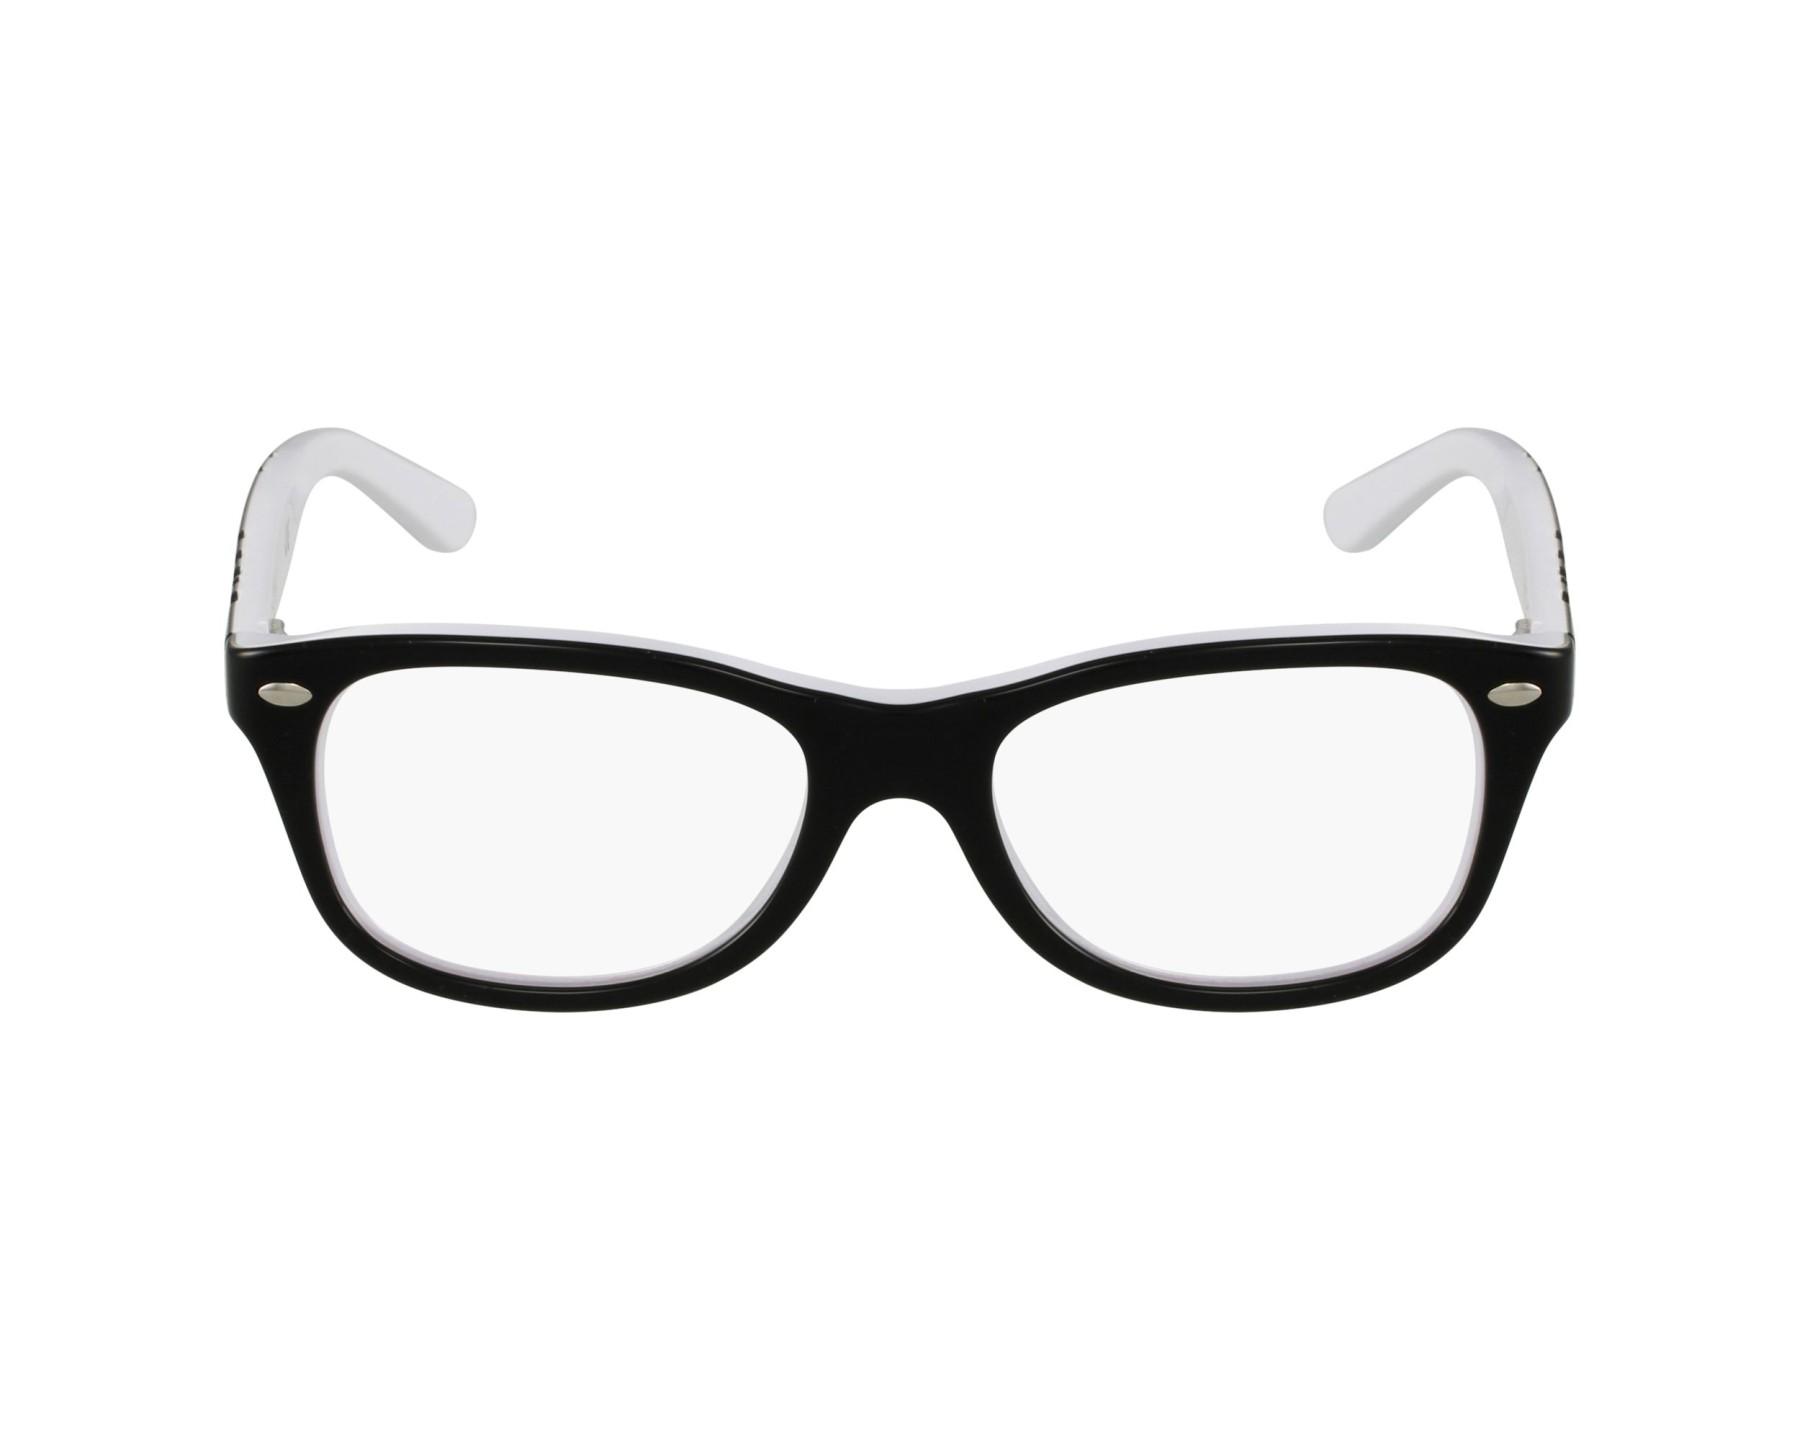 lunette ray ban noir et blanche